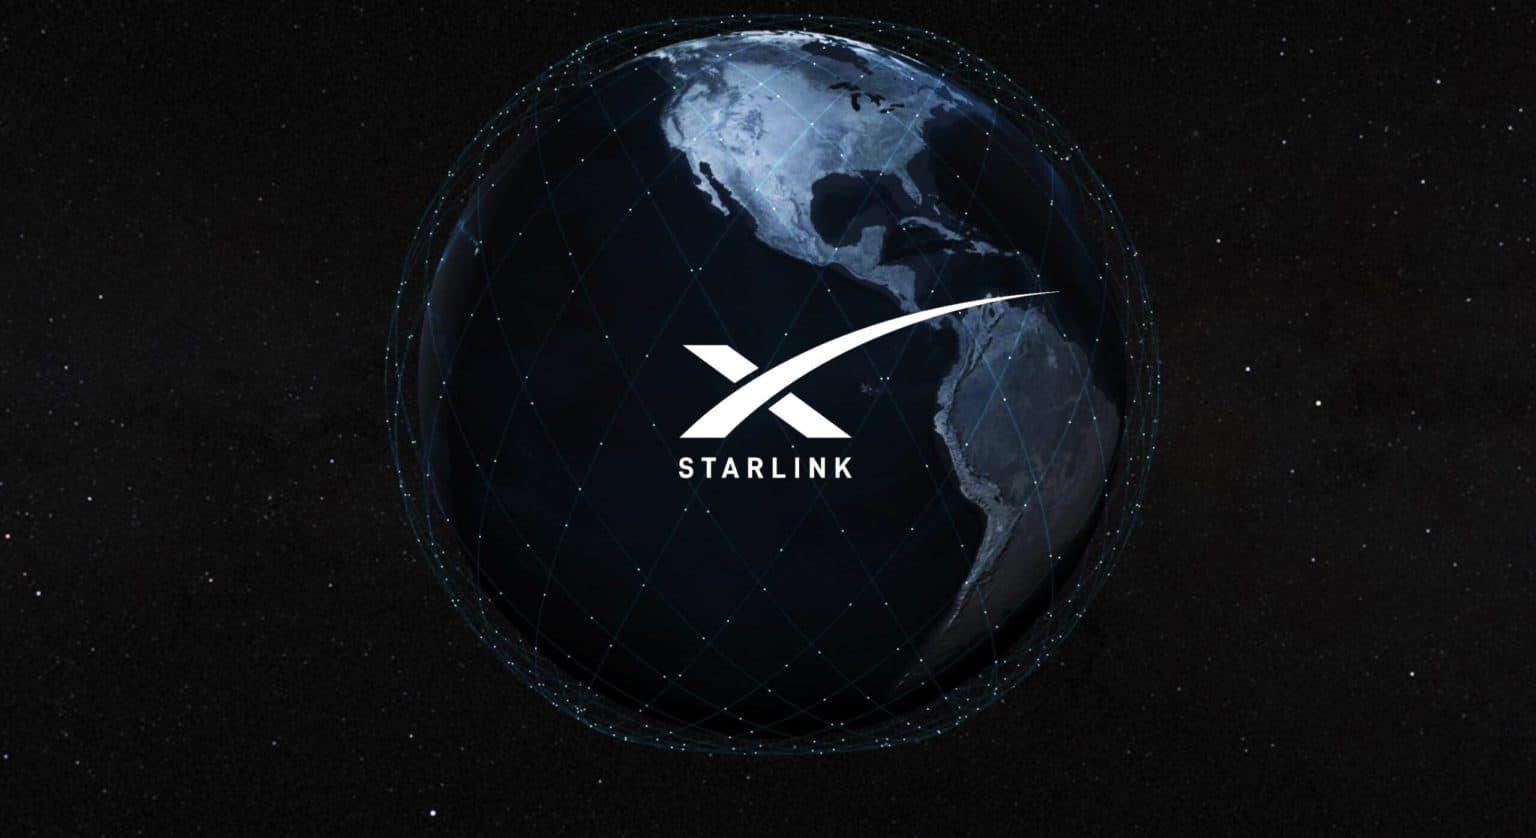 Starlink internet network